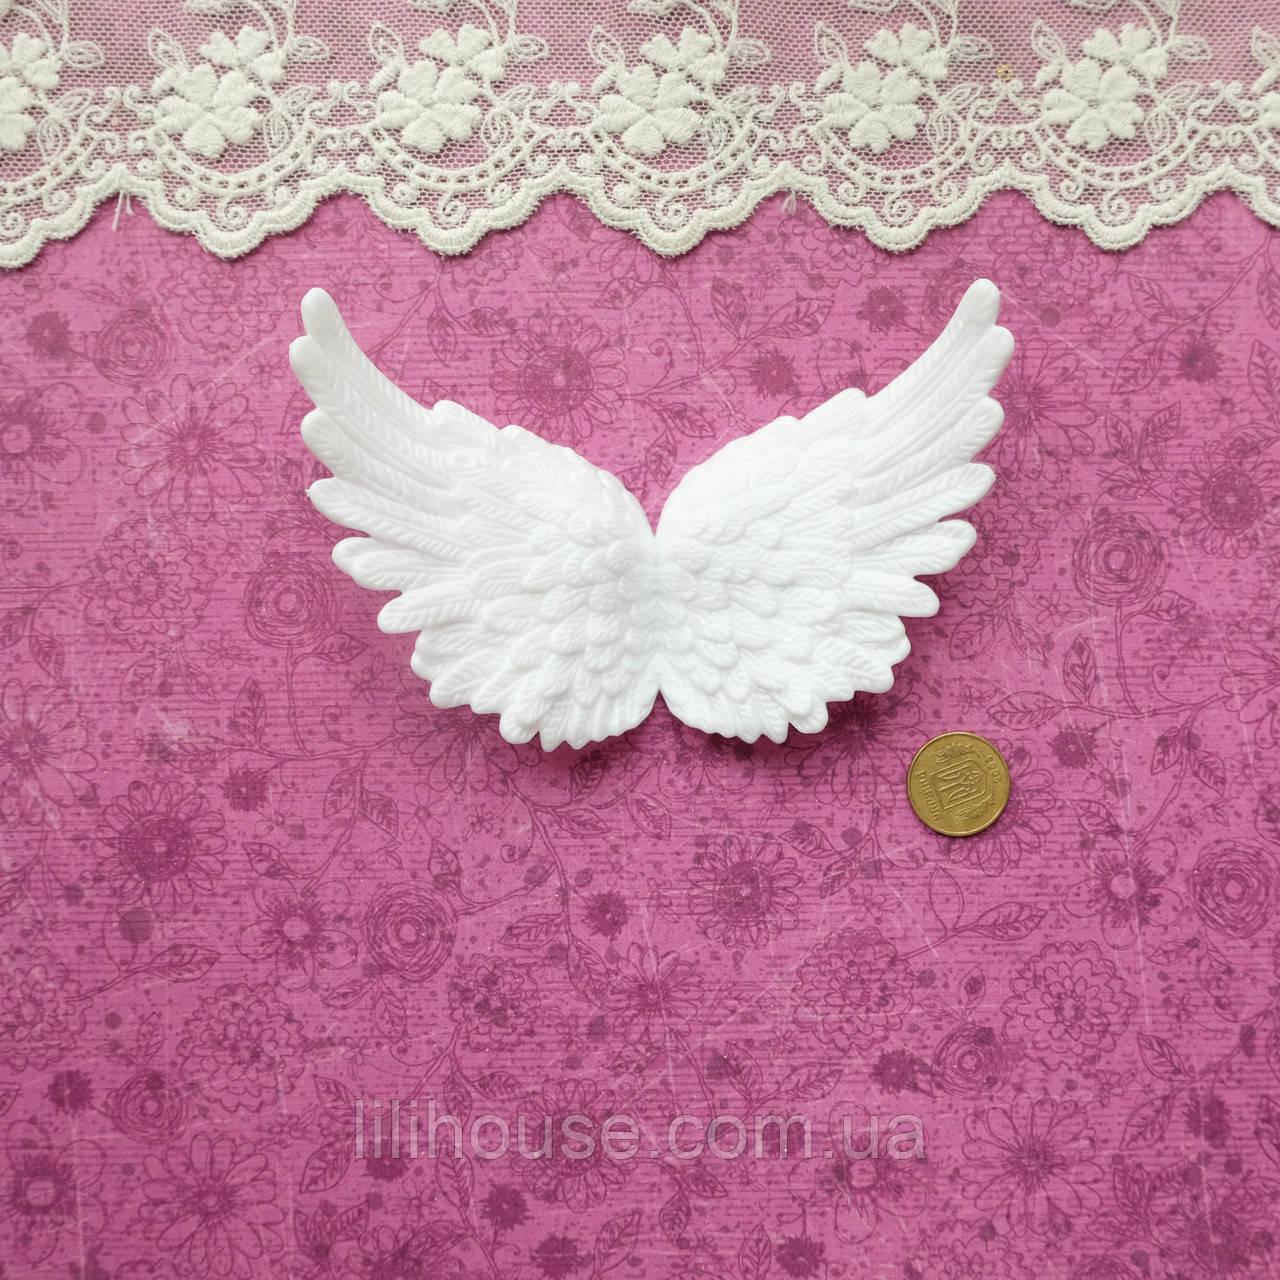 Крылья белые, 10*6.5 см